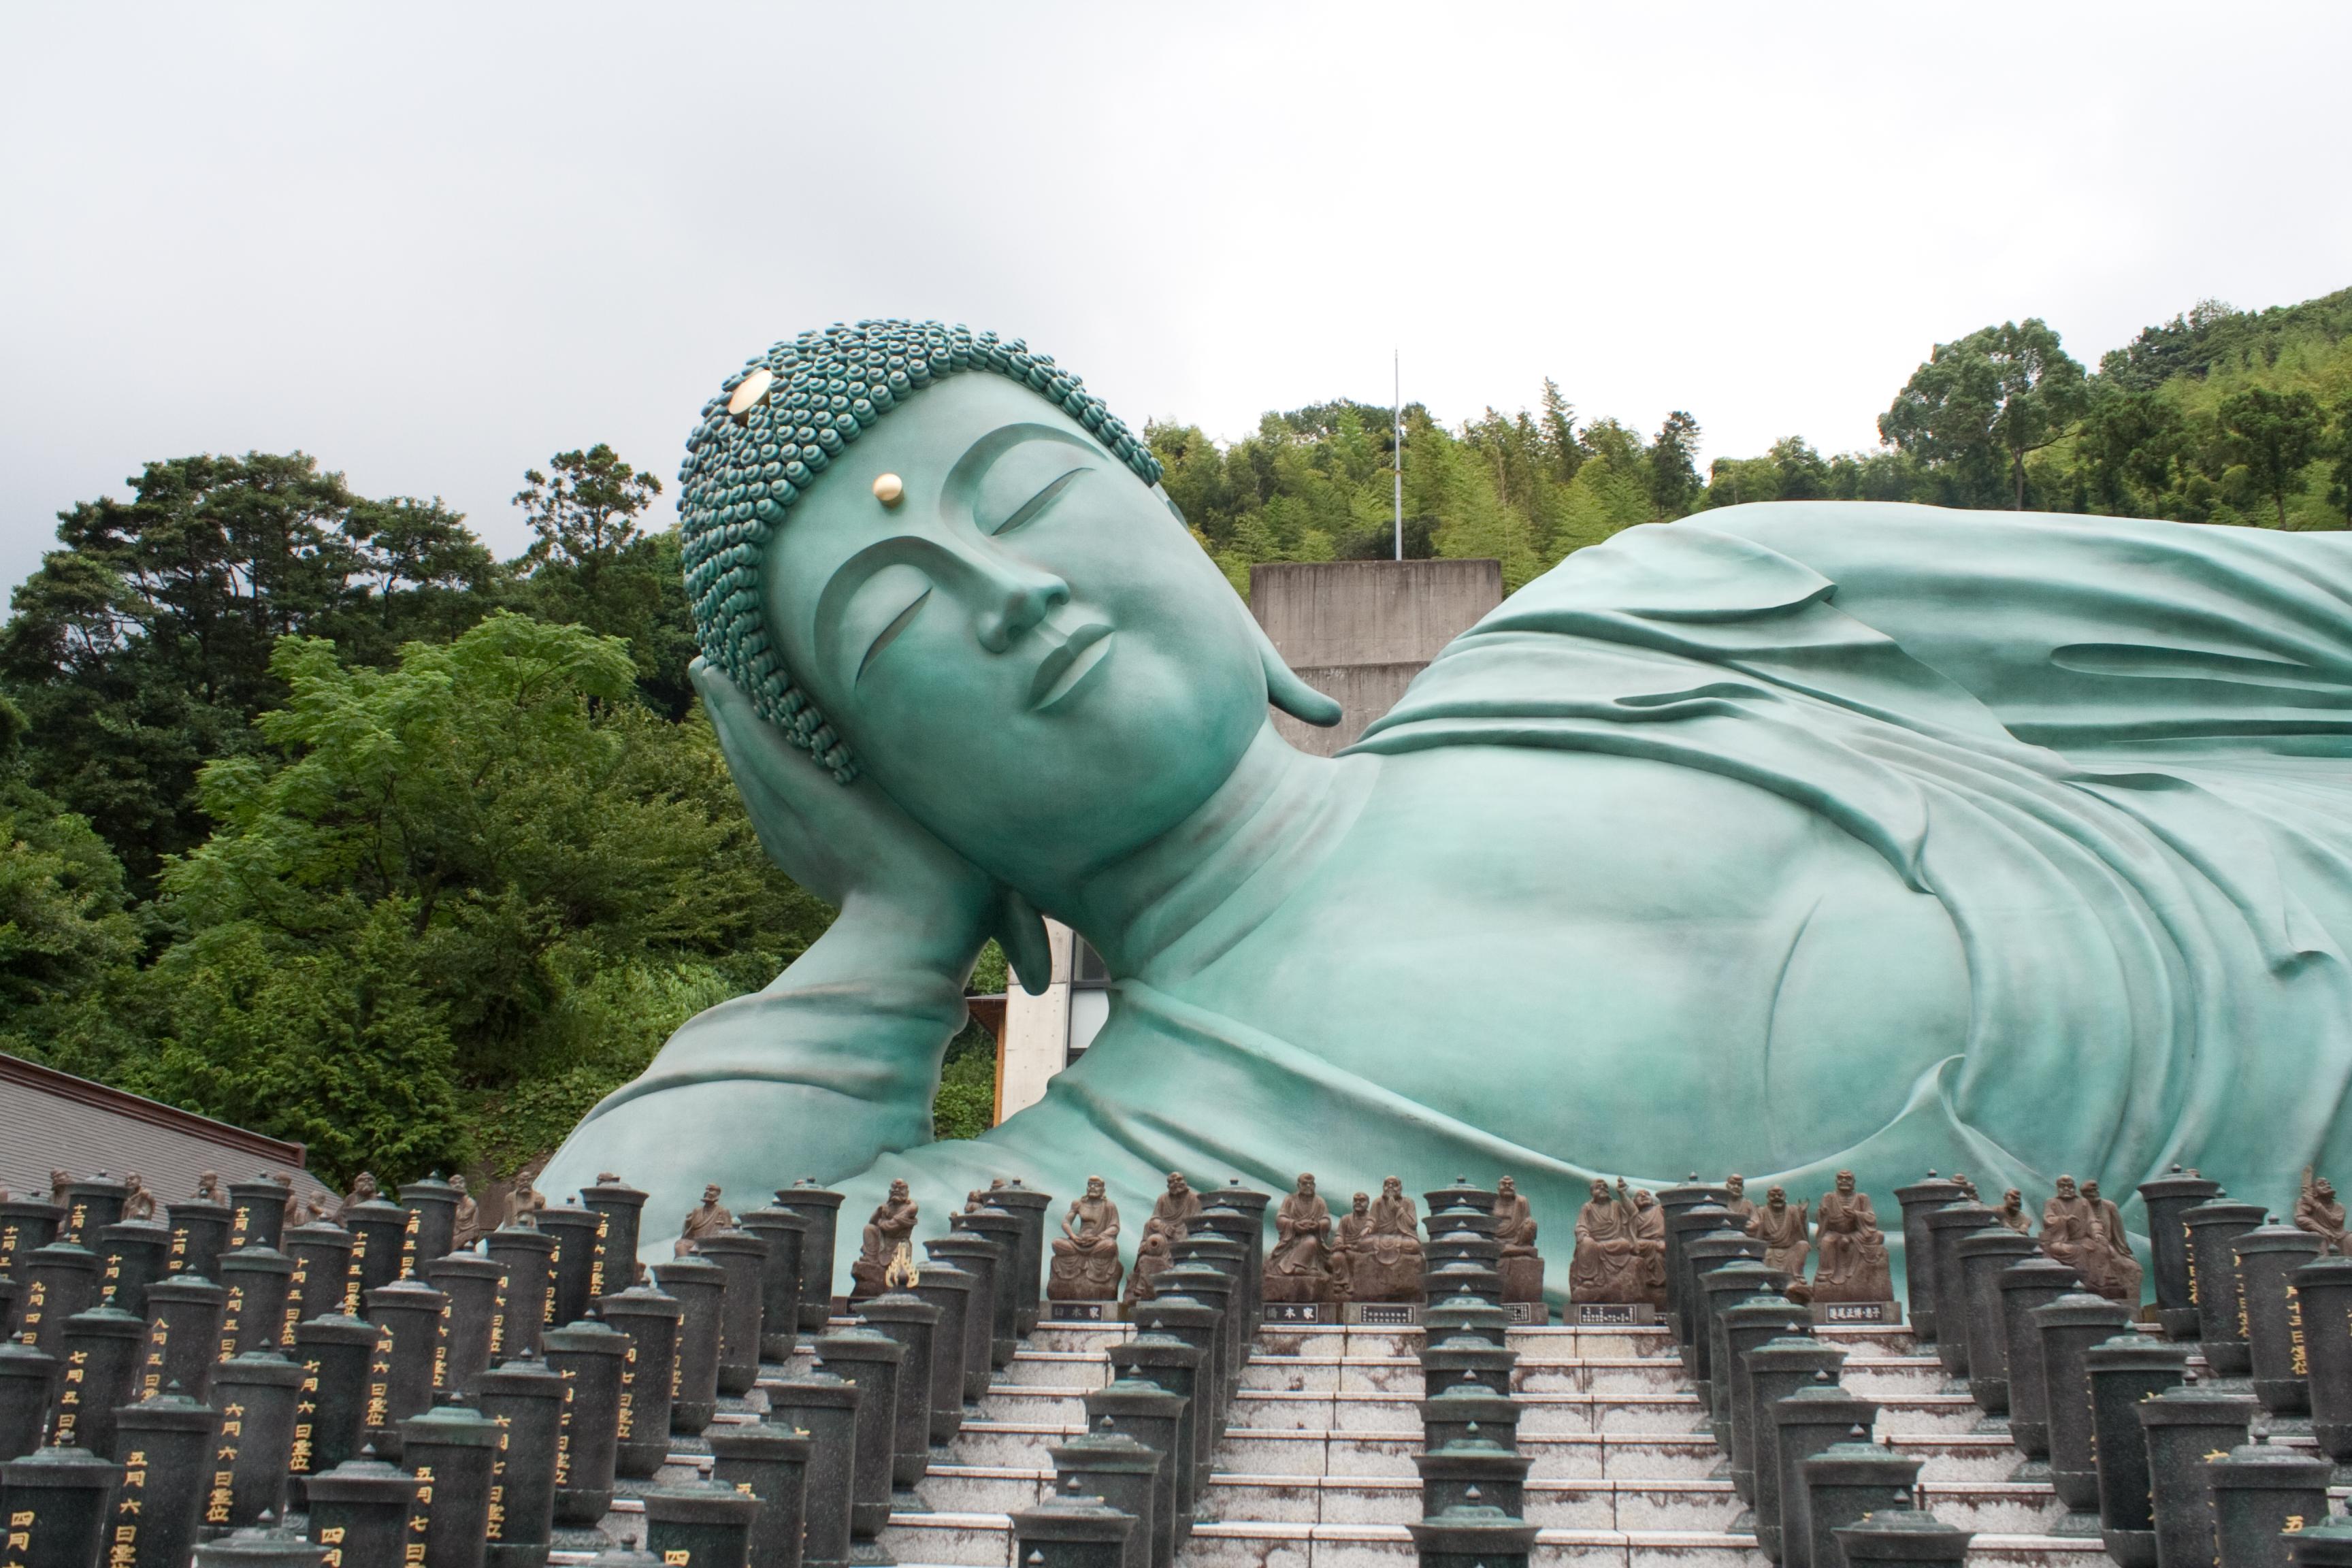 El turista mal portado amenaza al turismo global y la industria tiene algo de culpa